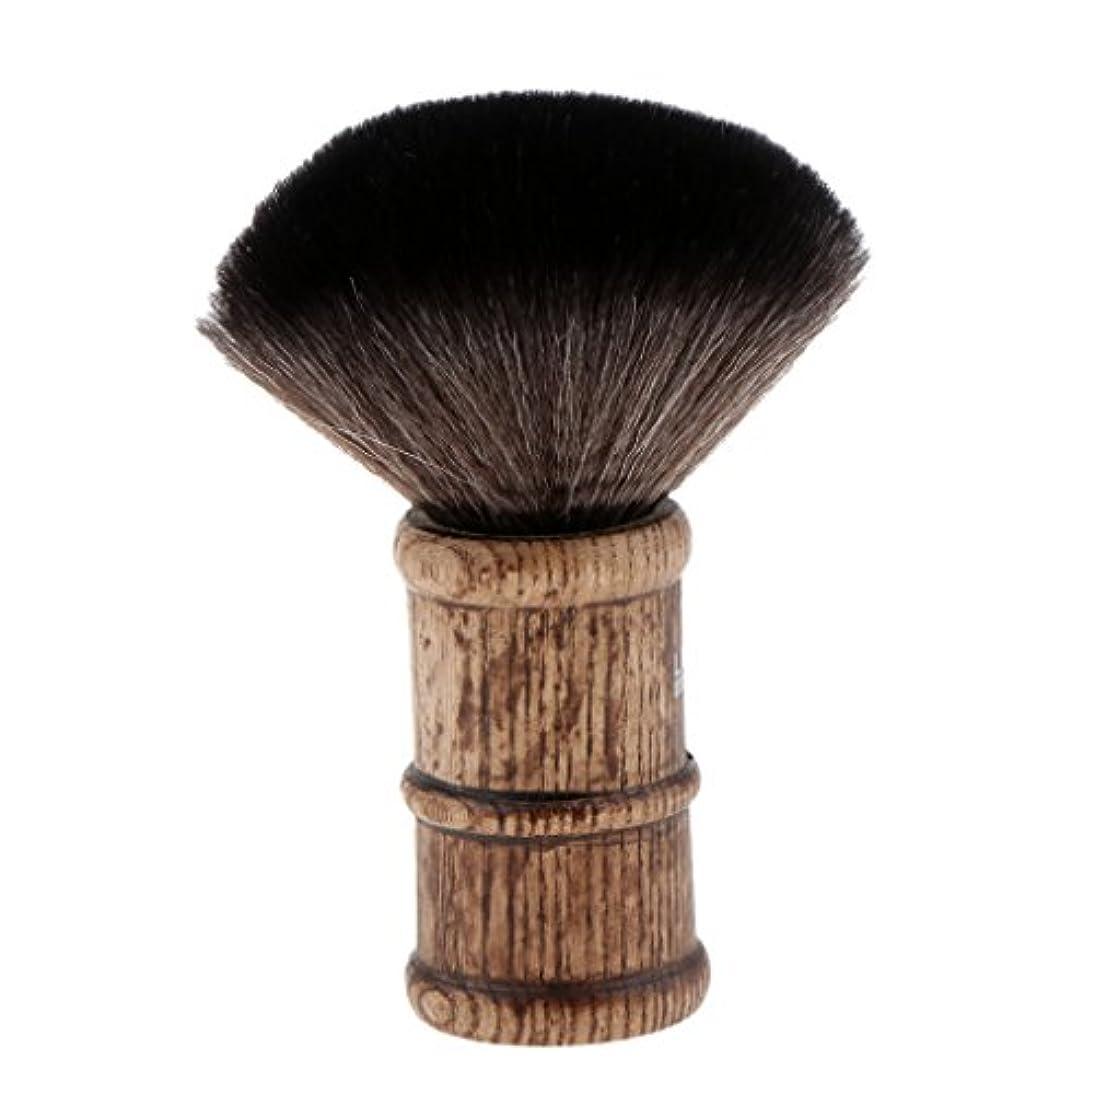 欠伸未来肥満ヘアカット ブラシ ネックダスターブラシ 散髪ブラシ 柔らかい フェイスブラシ 2色選べる - ブラック